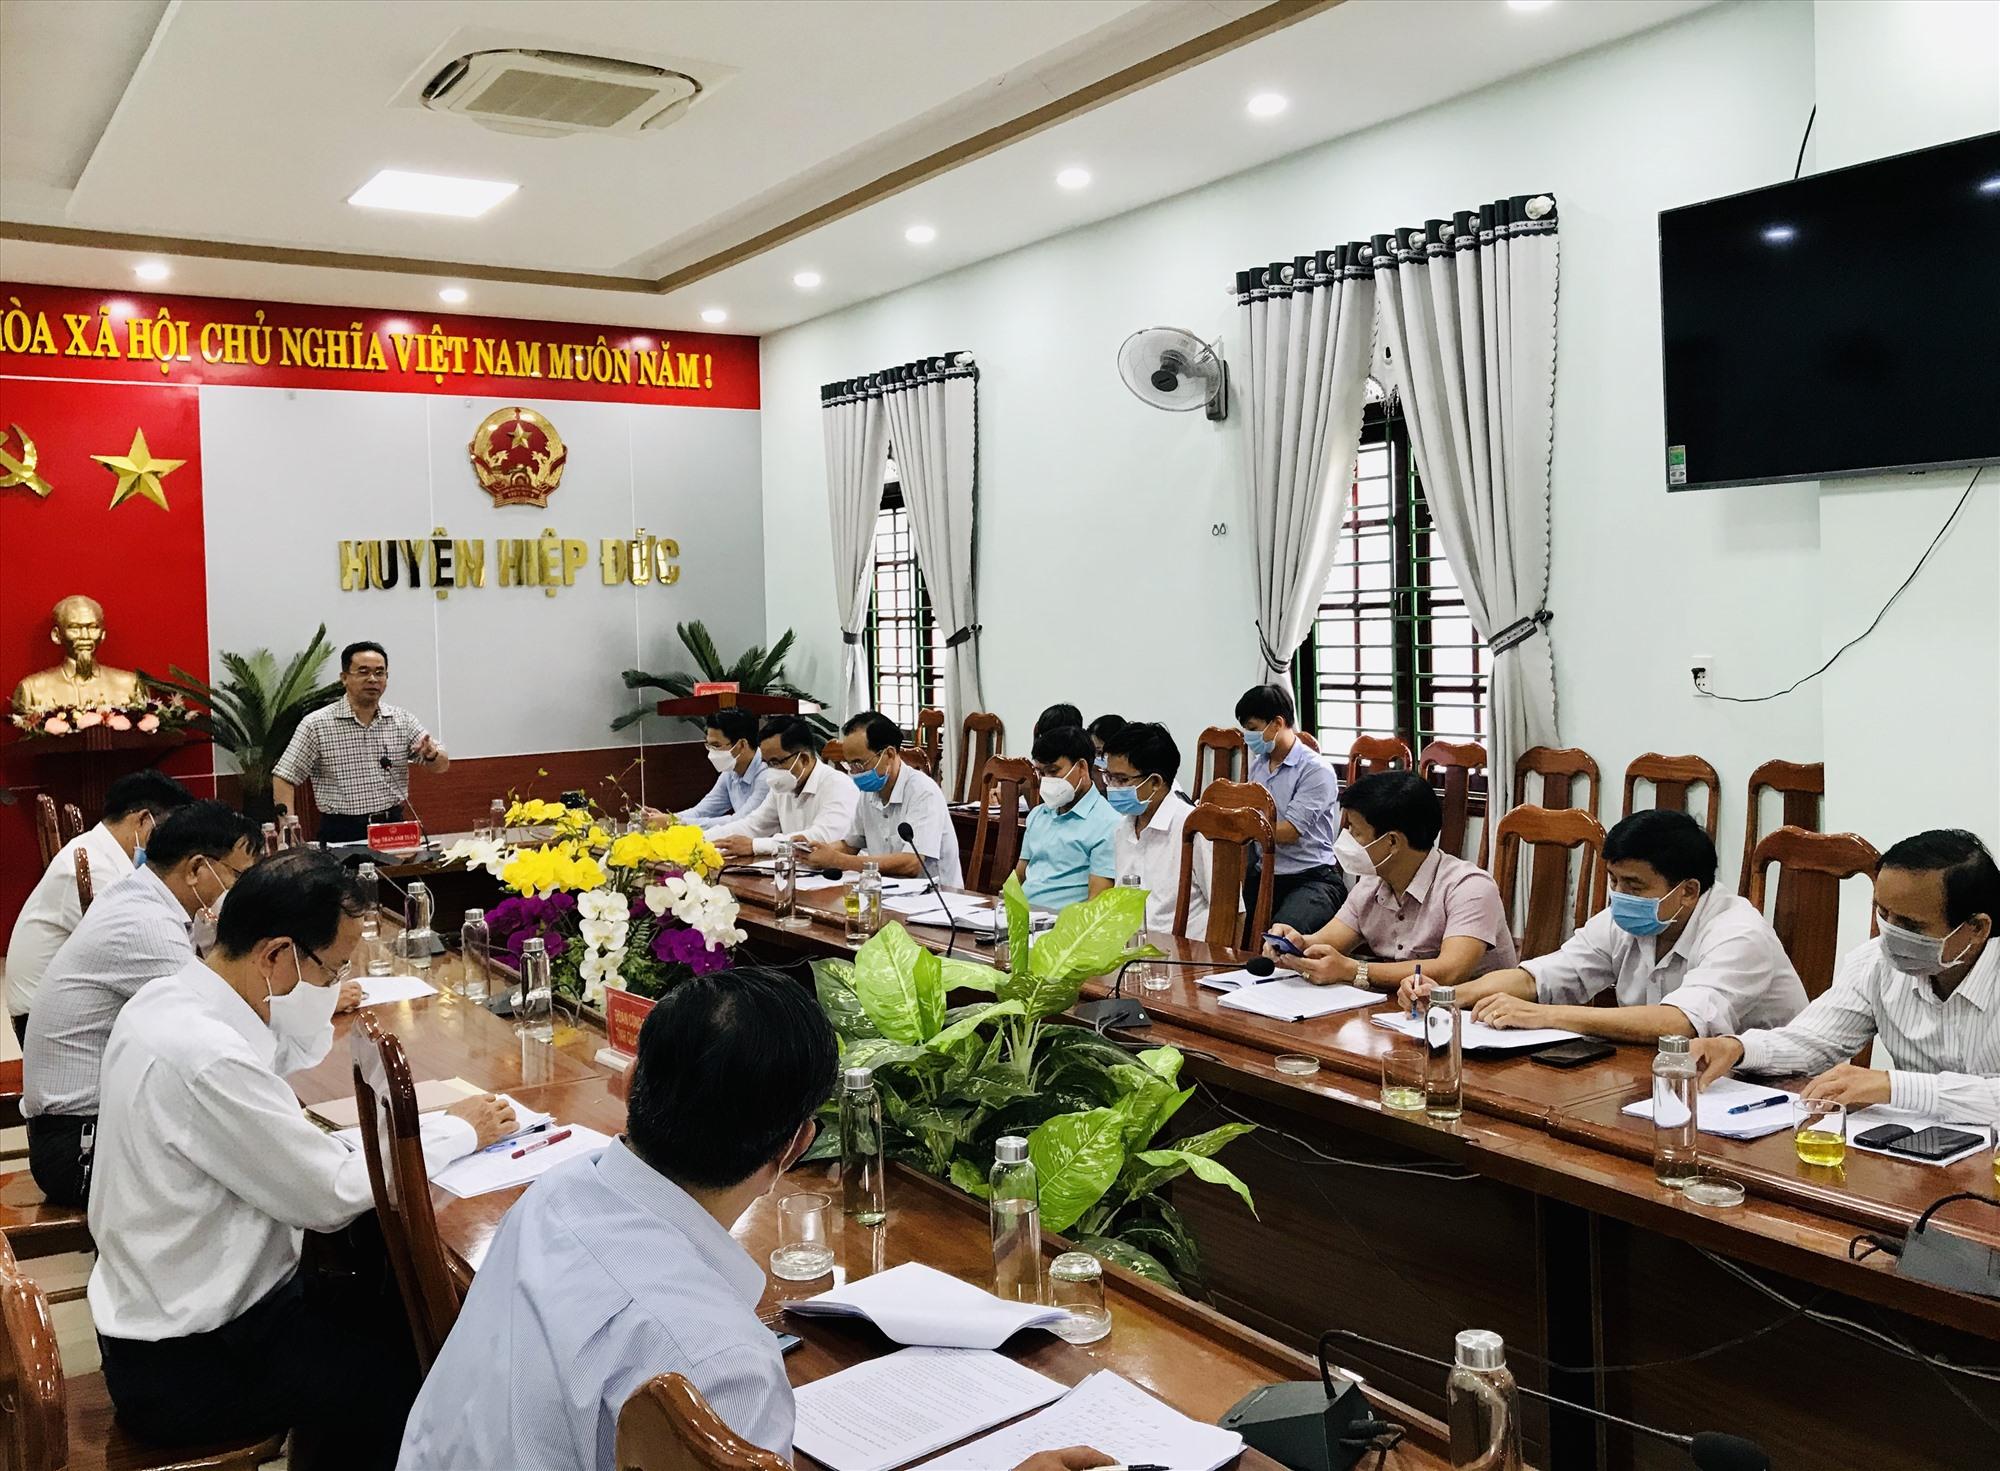 Phó Chủ tịch UBND tỉnh Trần Anh Tuấn phát biểu chỉ đạo tại cuộc làm việc.   Ảnh: S.A